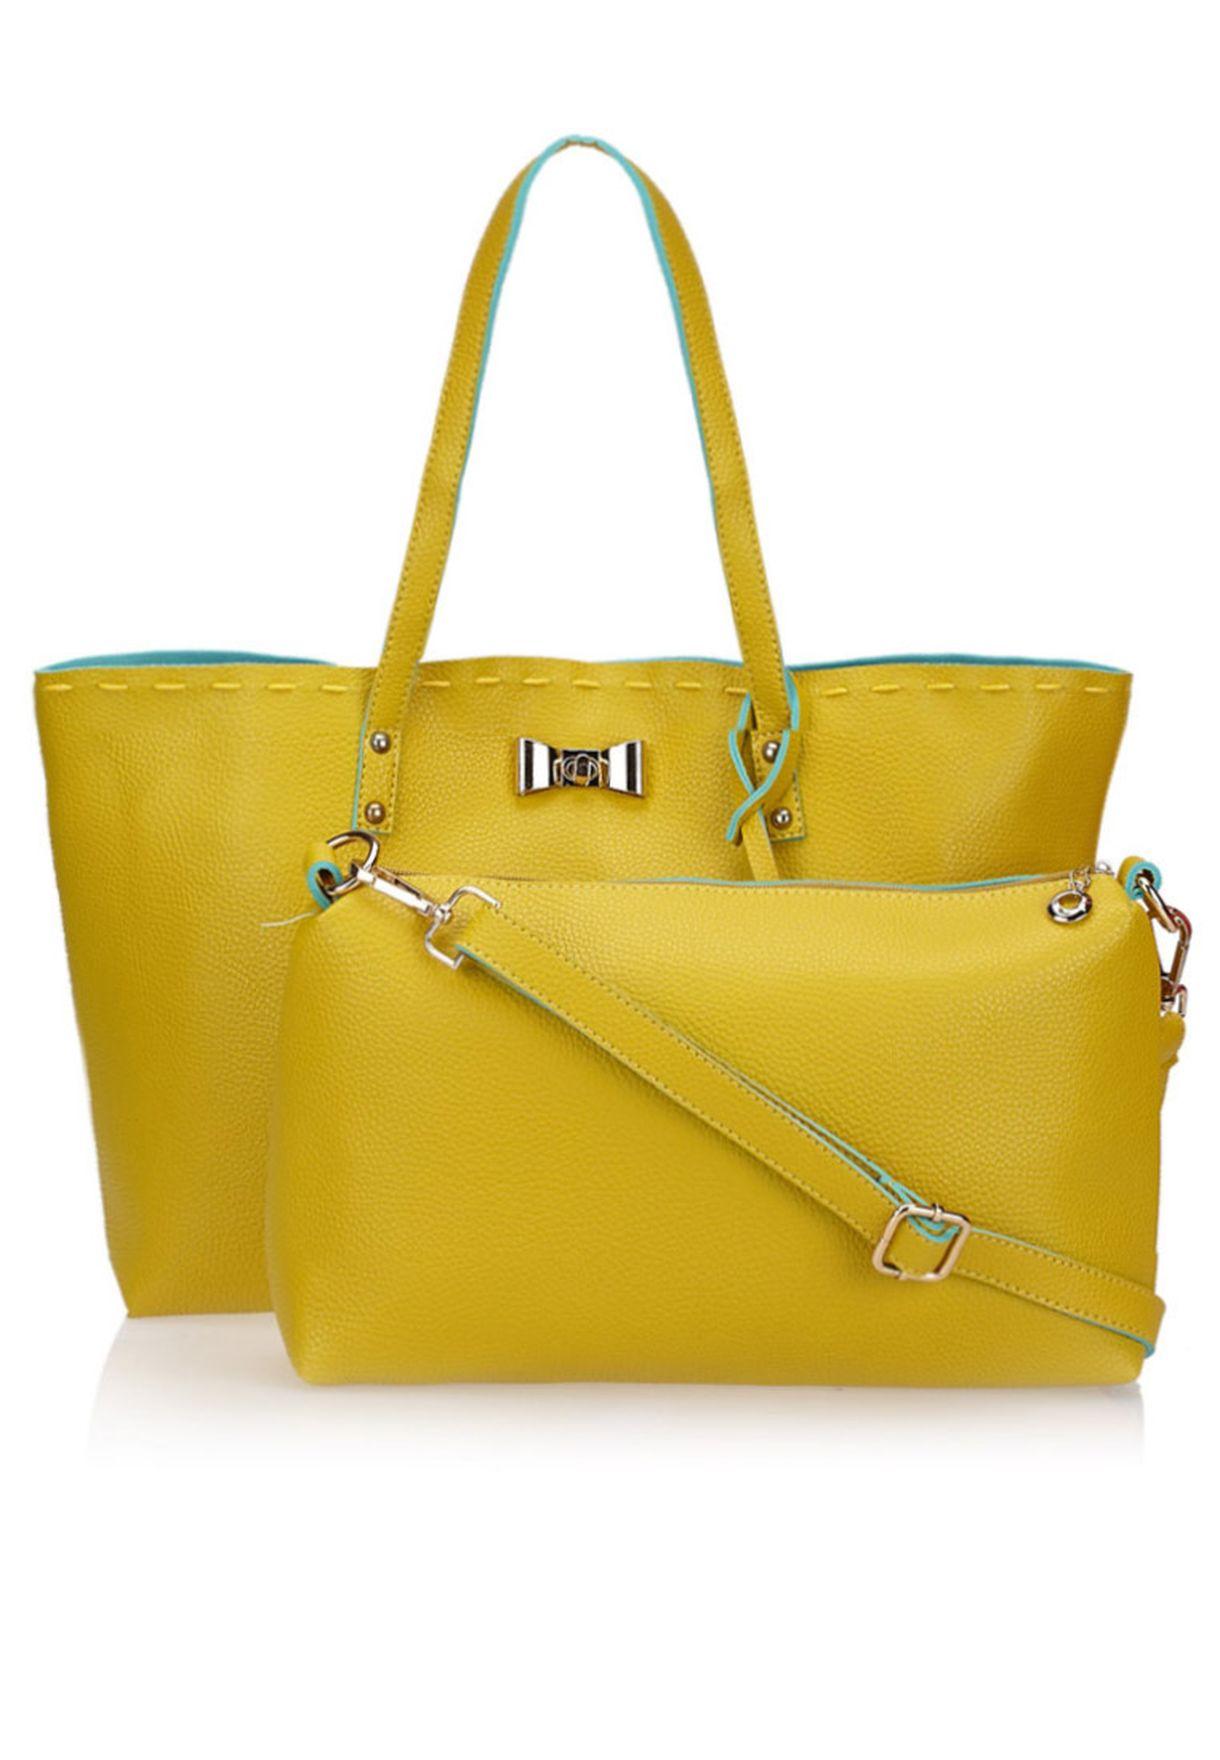 23ace5eb1299c تسوق حقيبة تسوق ملونة + حقيبة صغيرة ماركة جينجر لون أصفر في الكويت ...